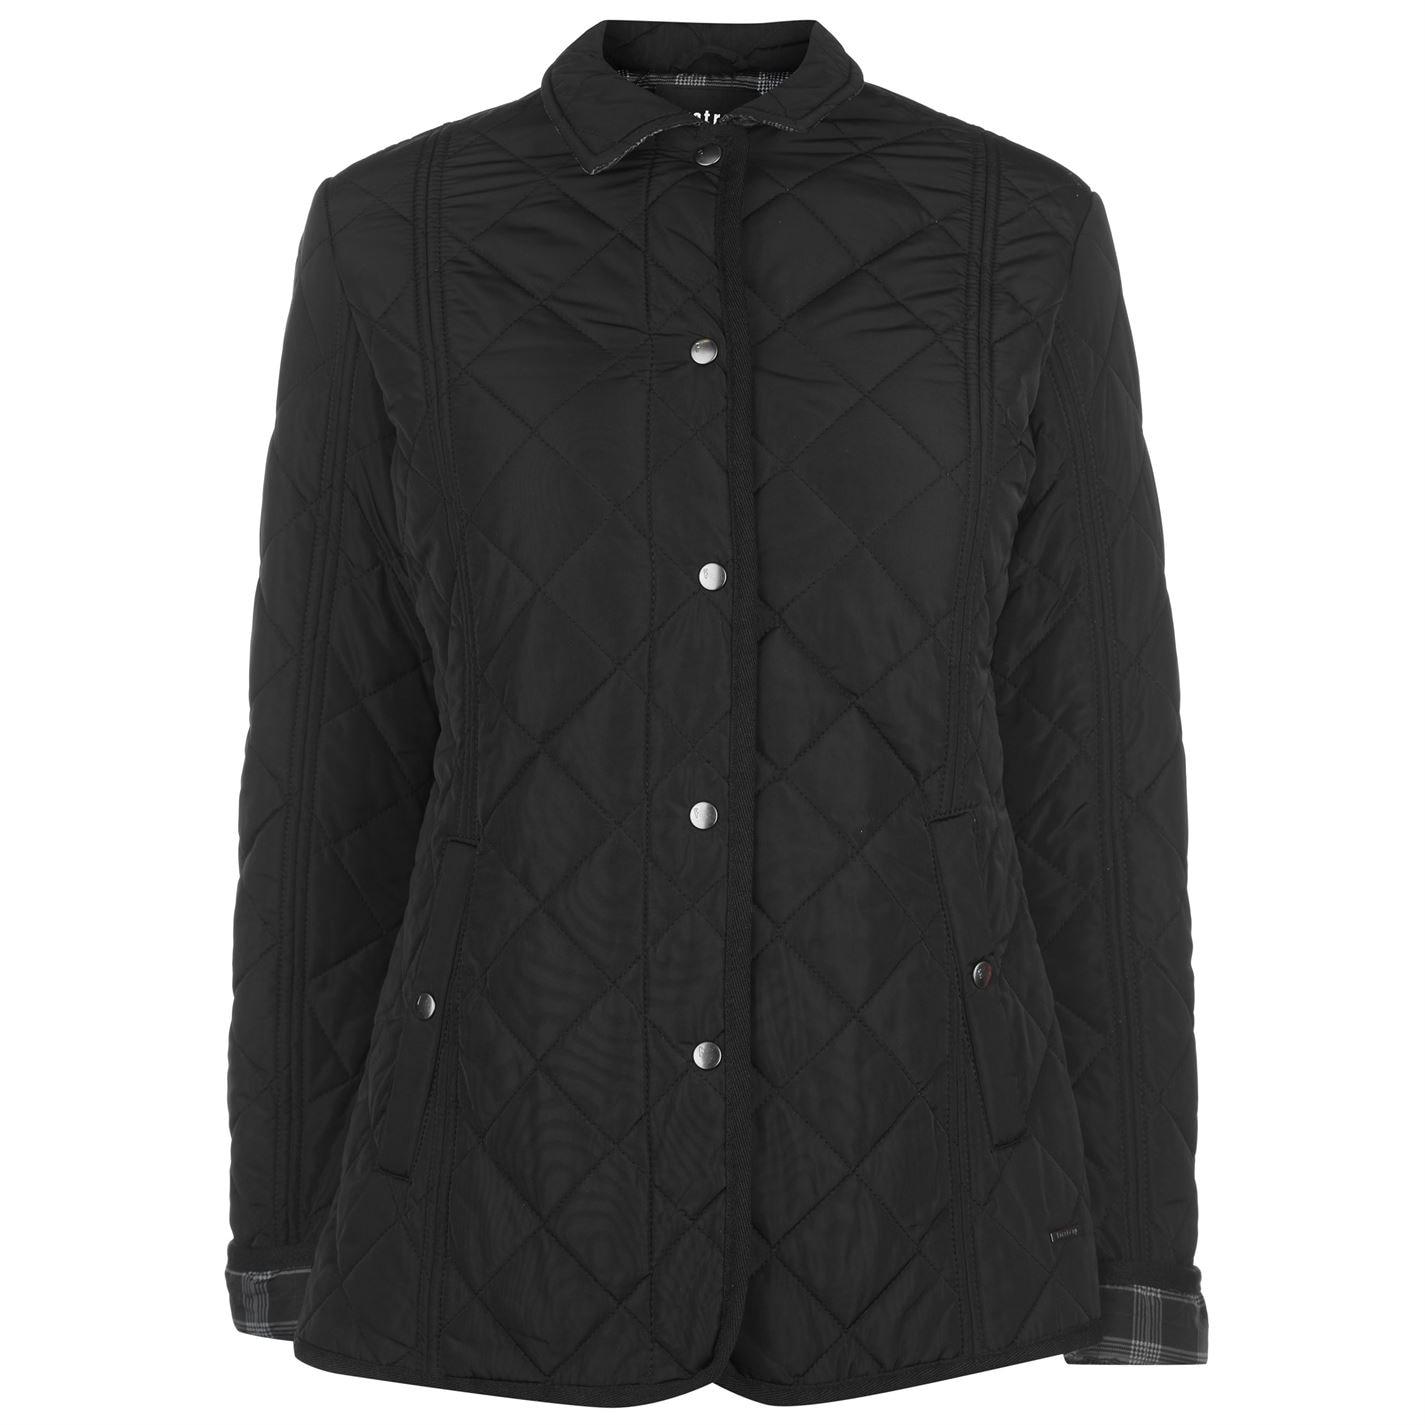 FIRETRAP Kingdom Jacket Dámská bunda 66208498 20 (XXXL)